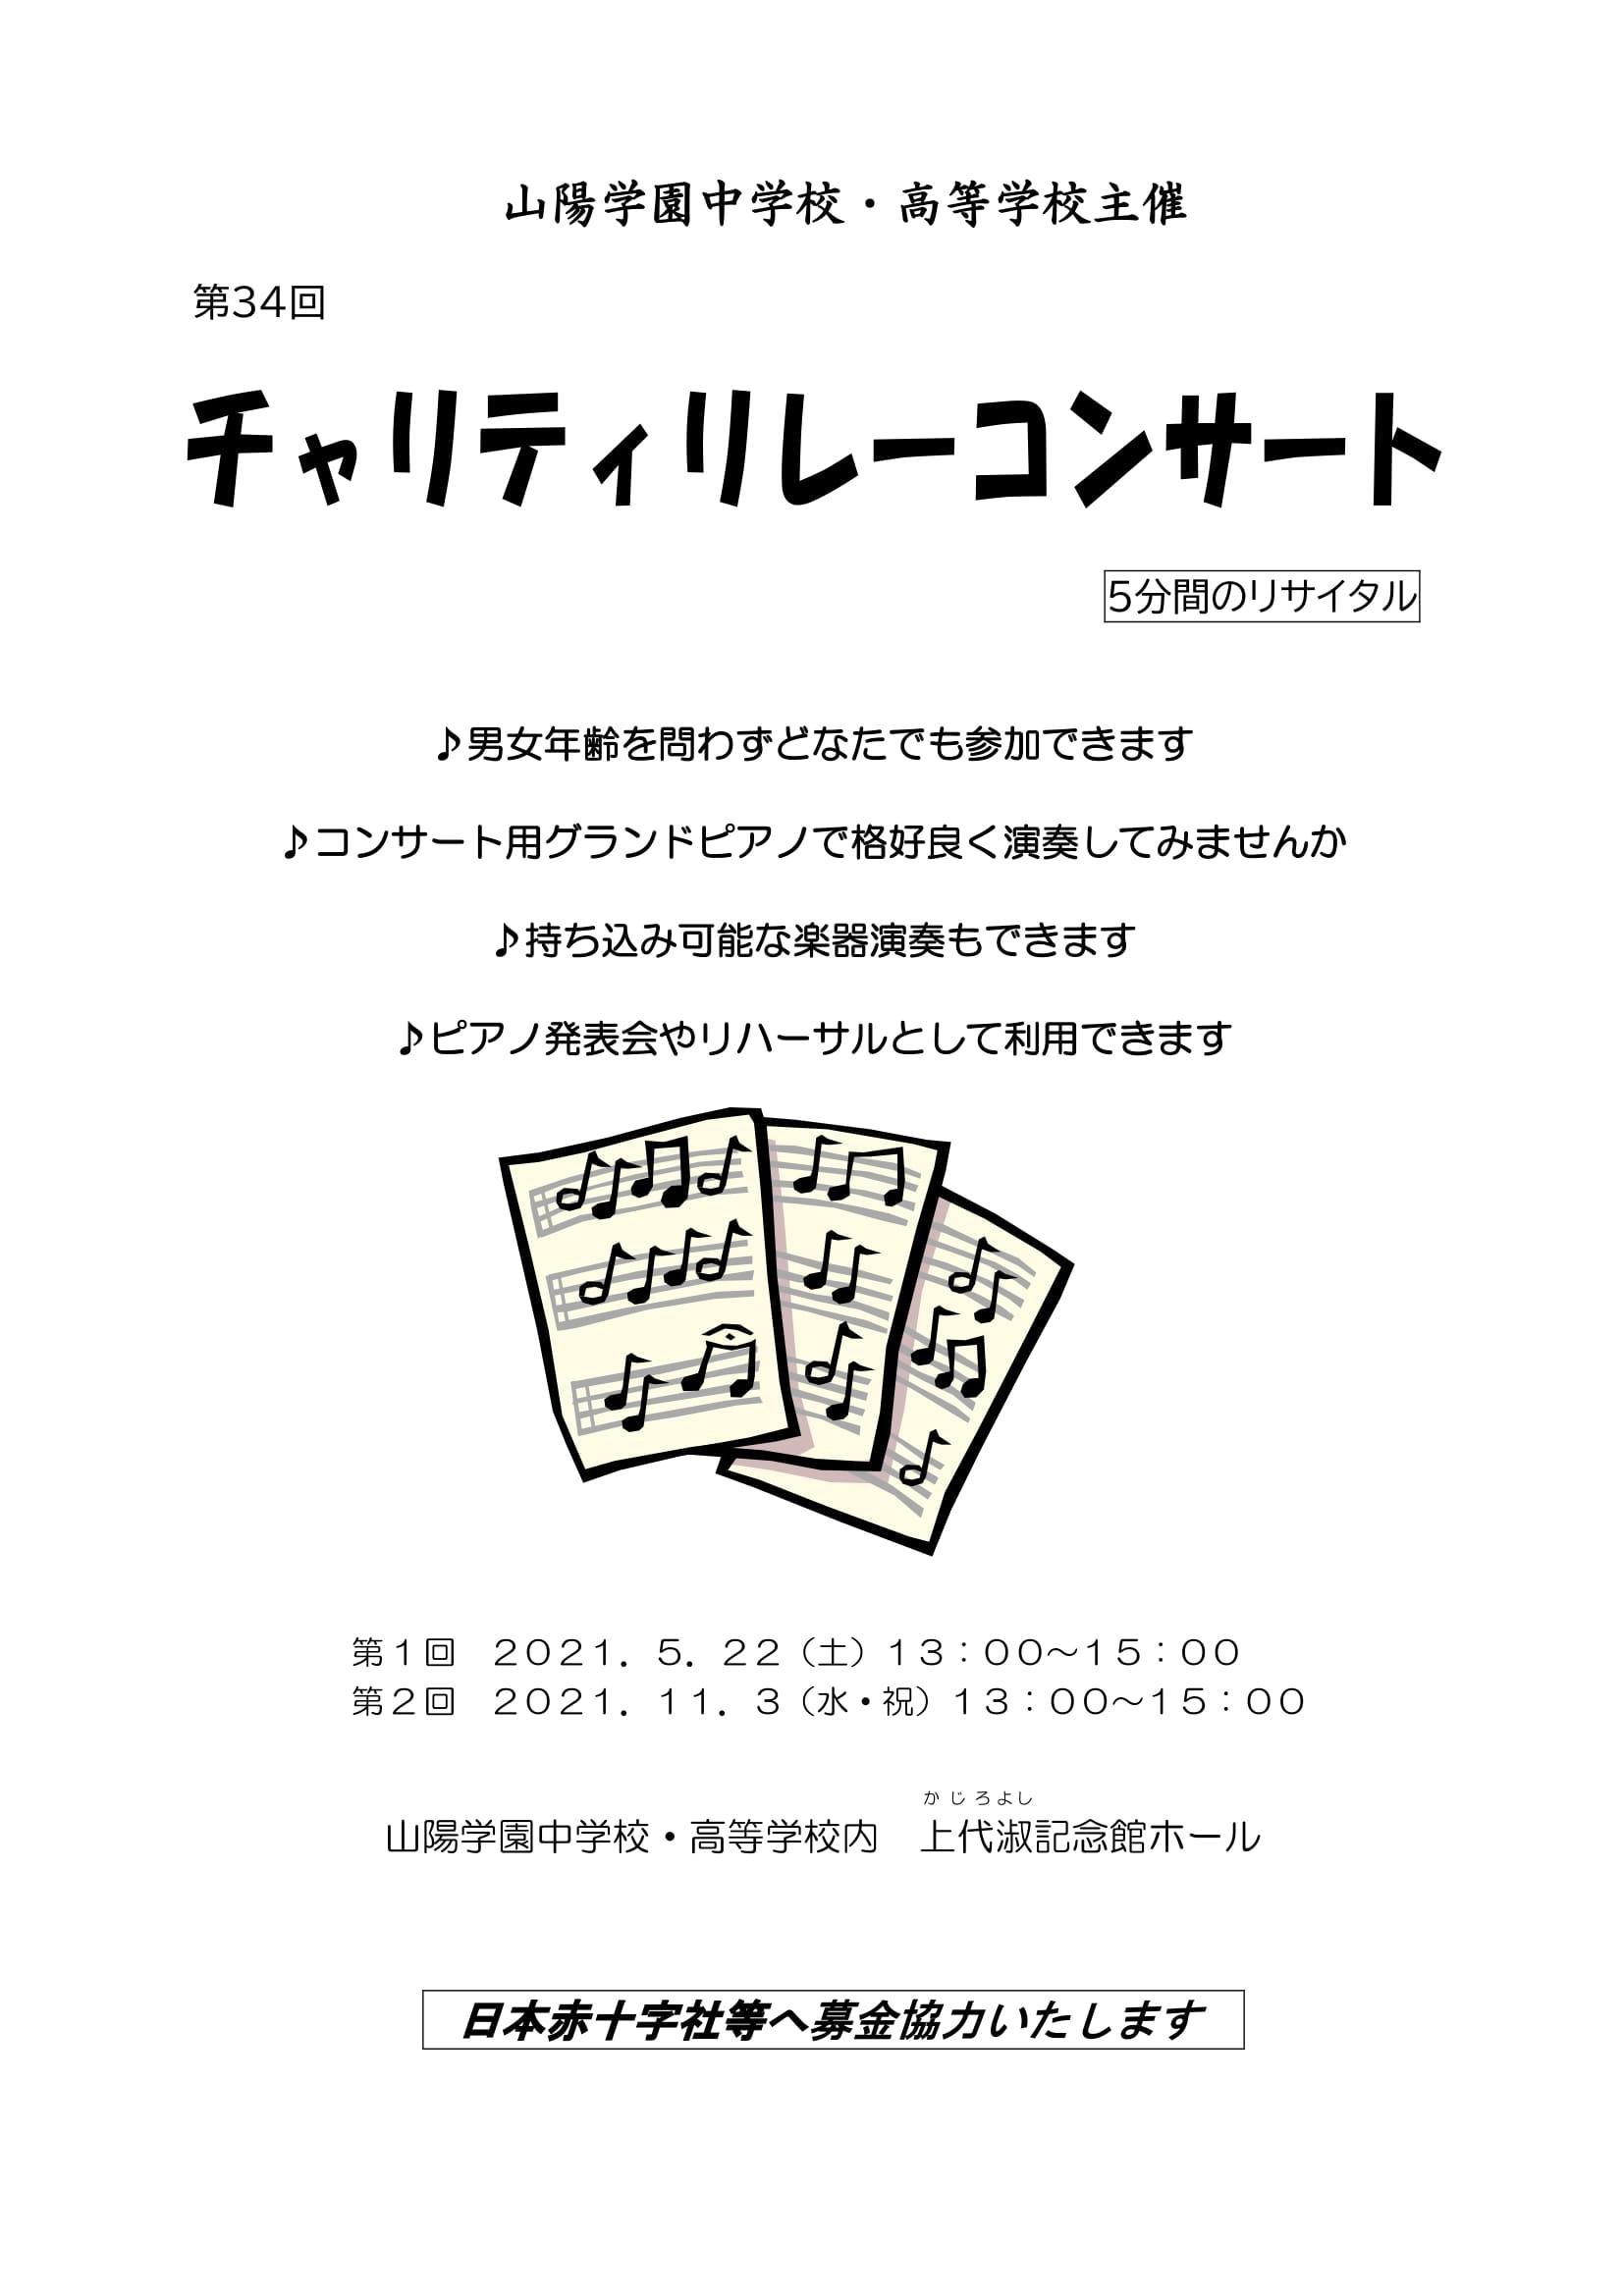 第34回チャリティーリレーコンサート要項・申込用紙-1